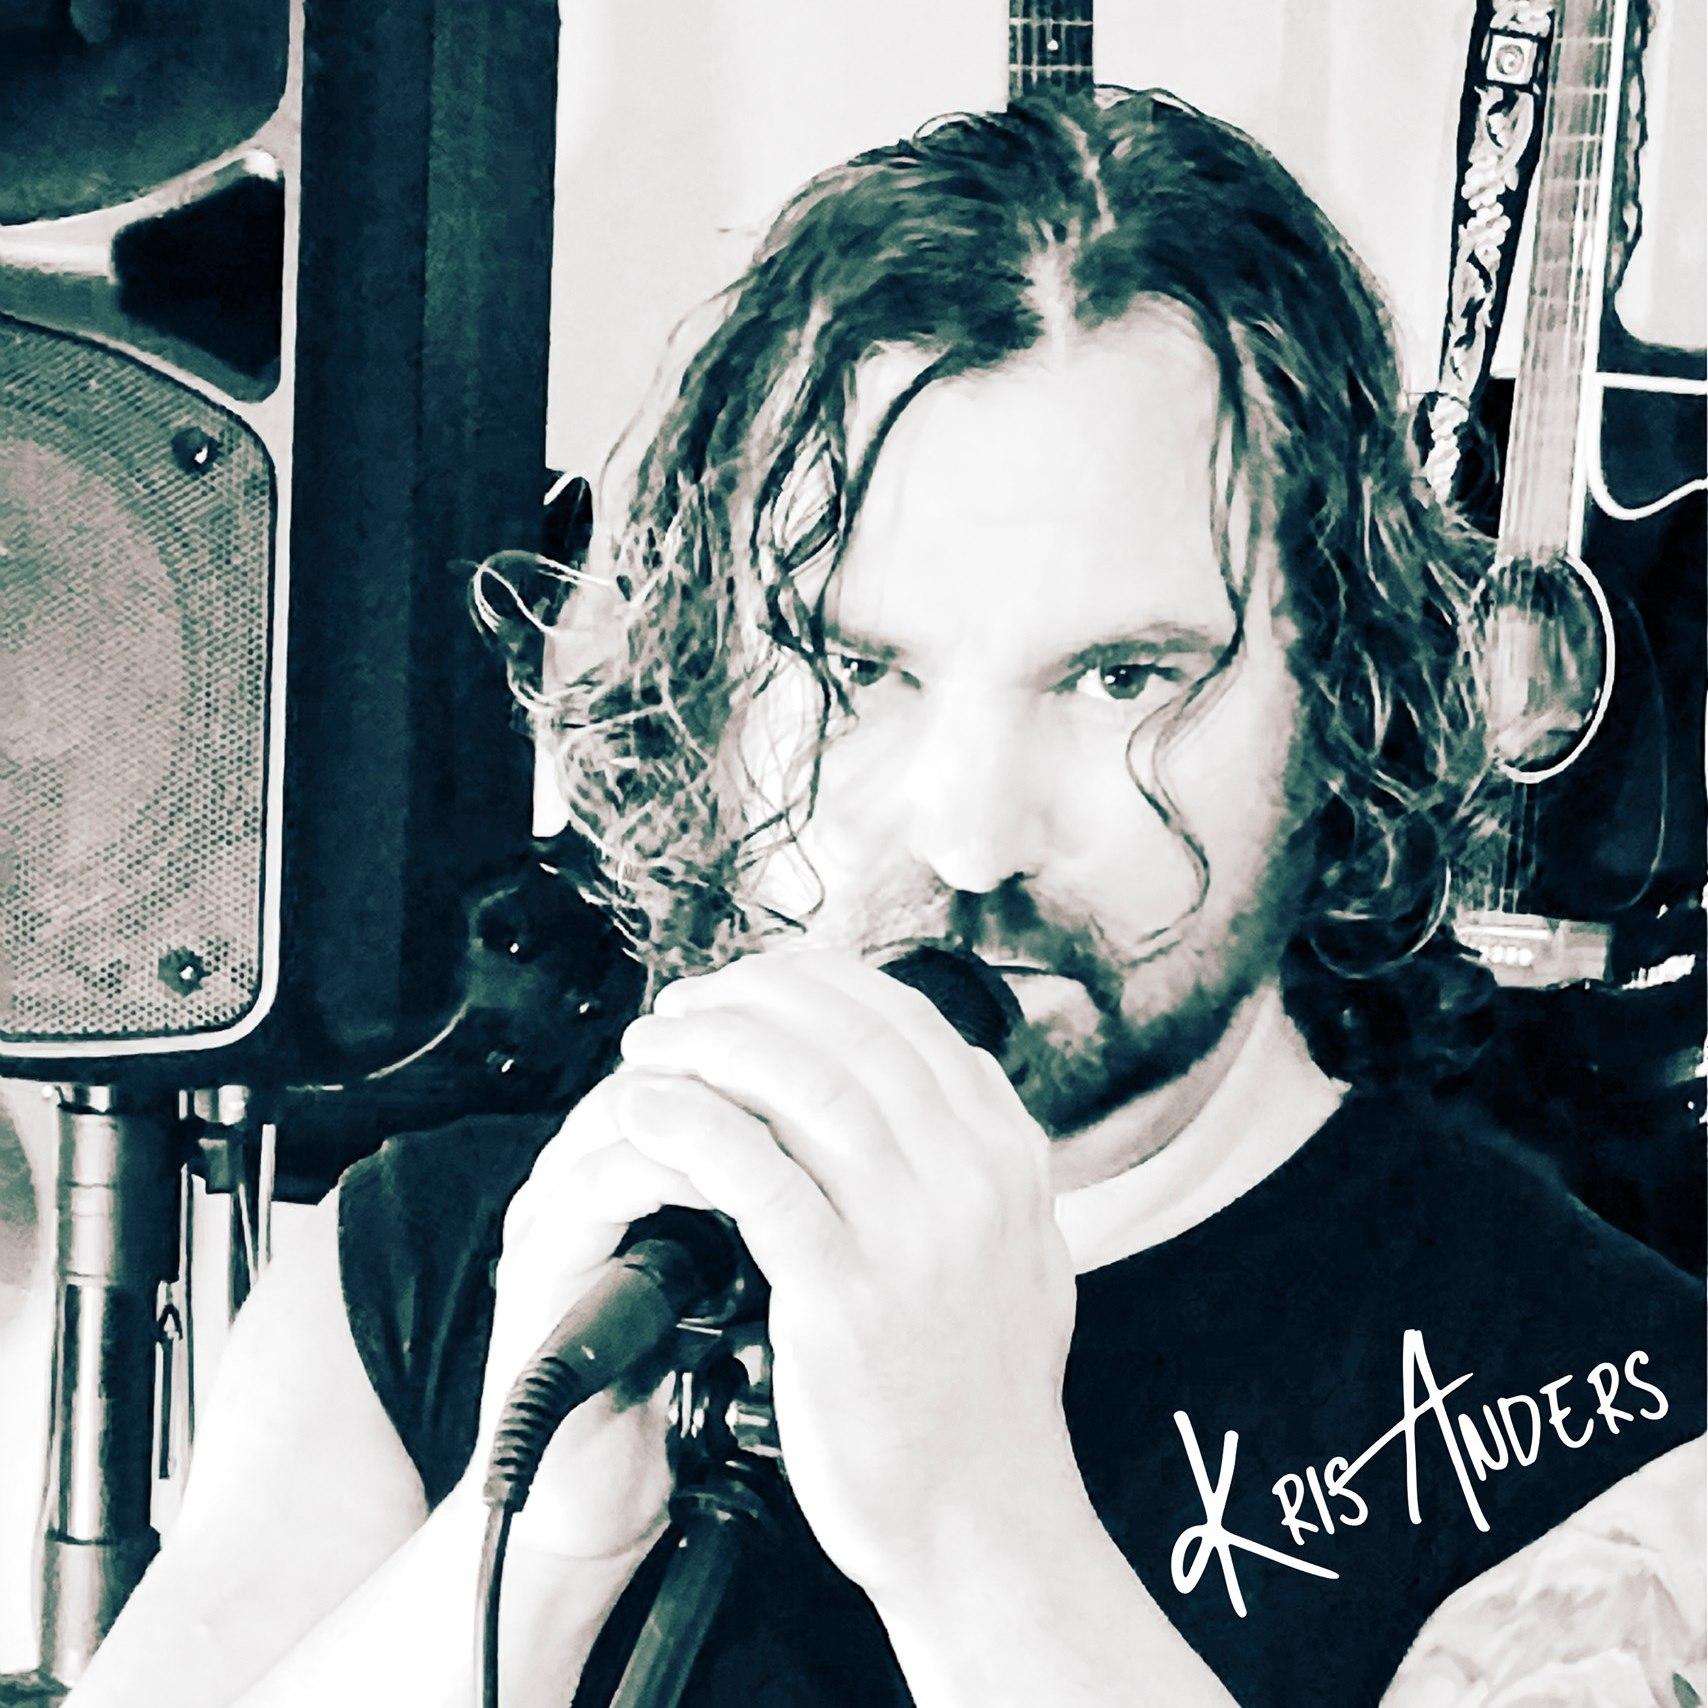 Kris Anders